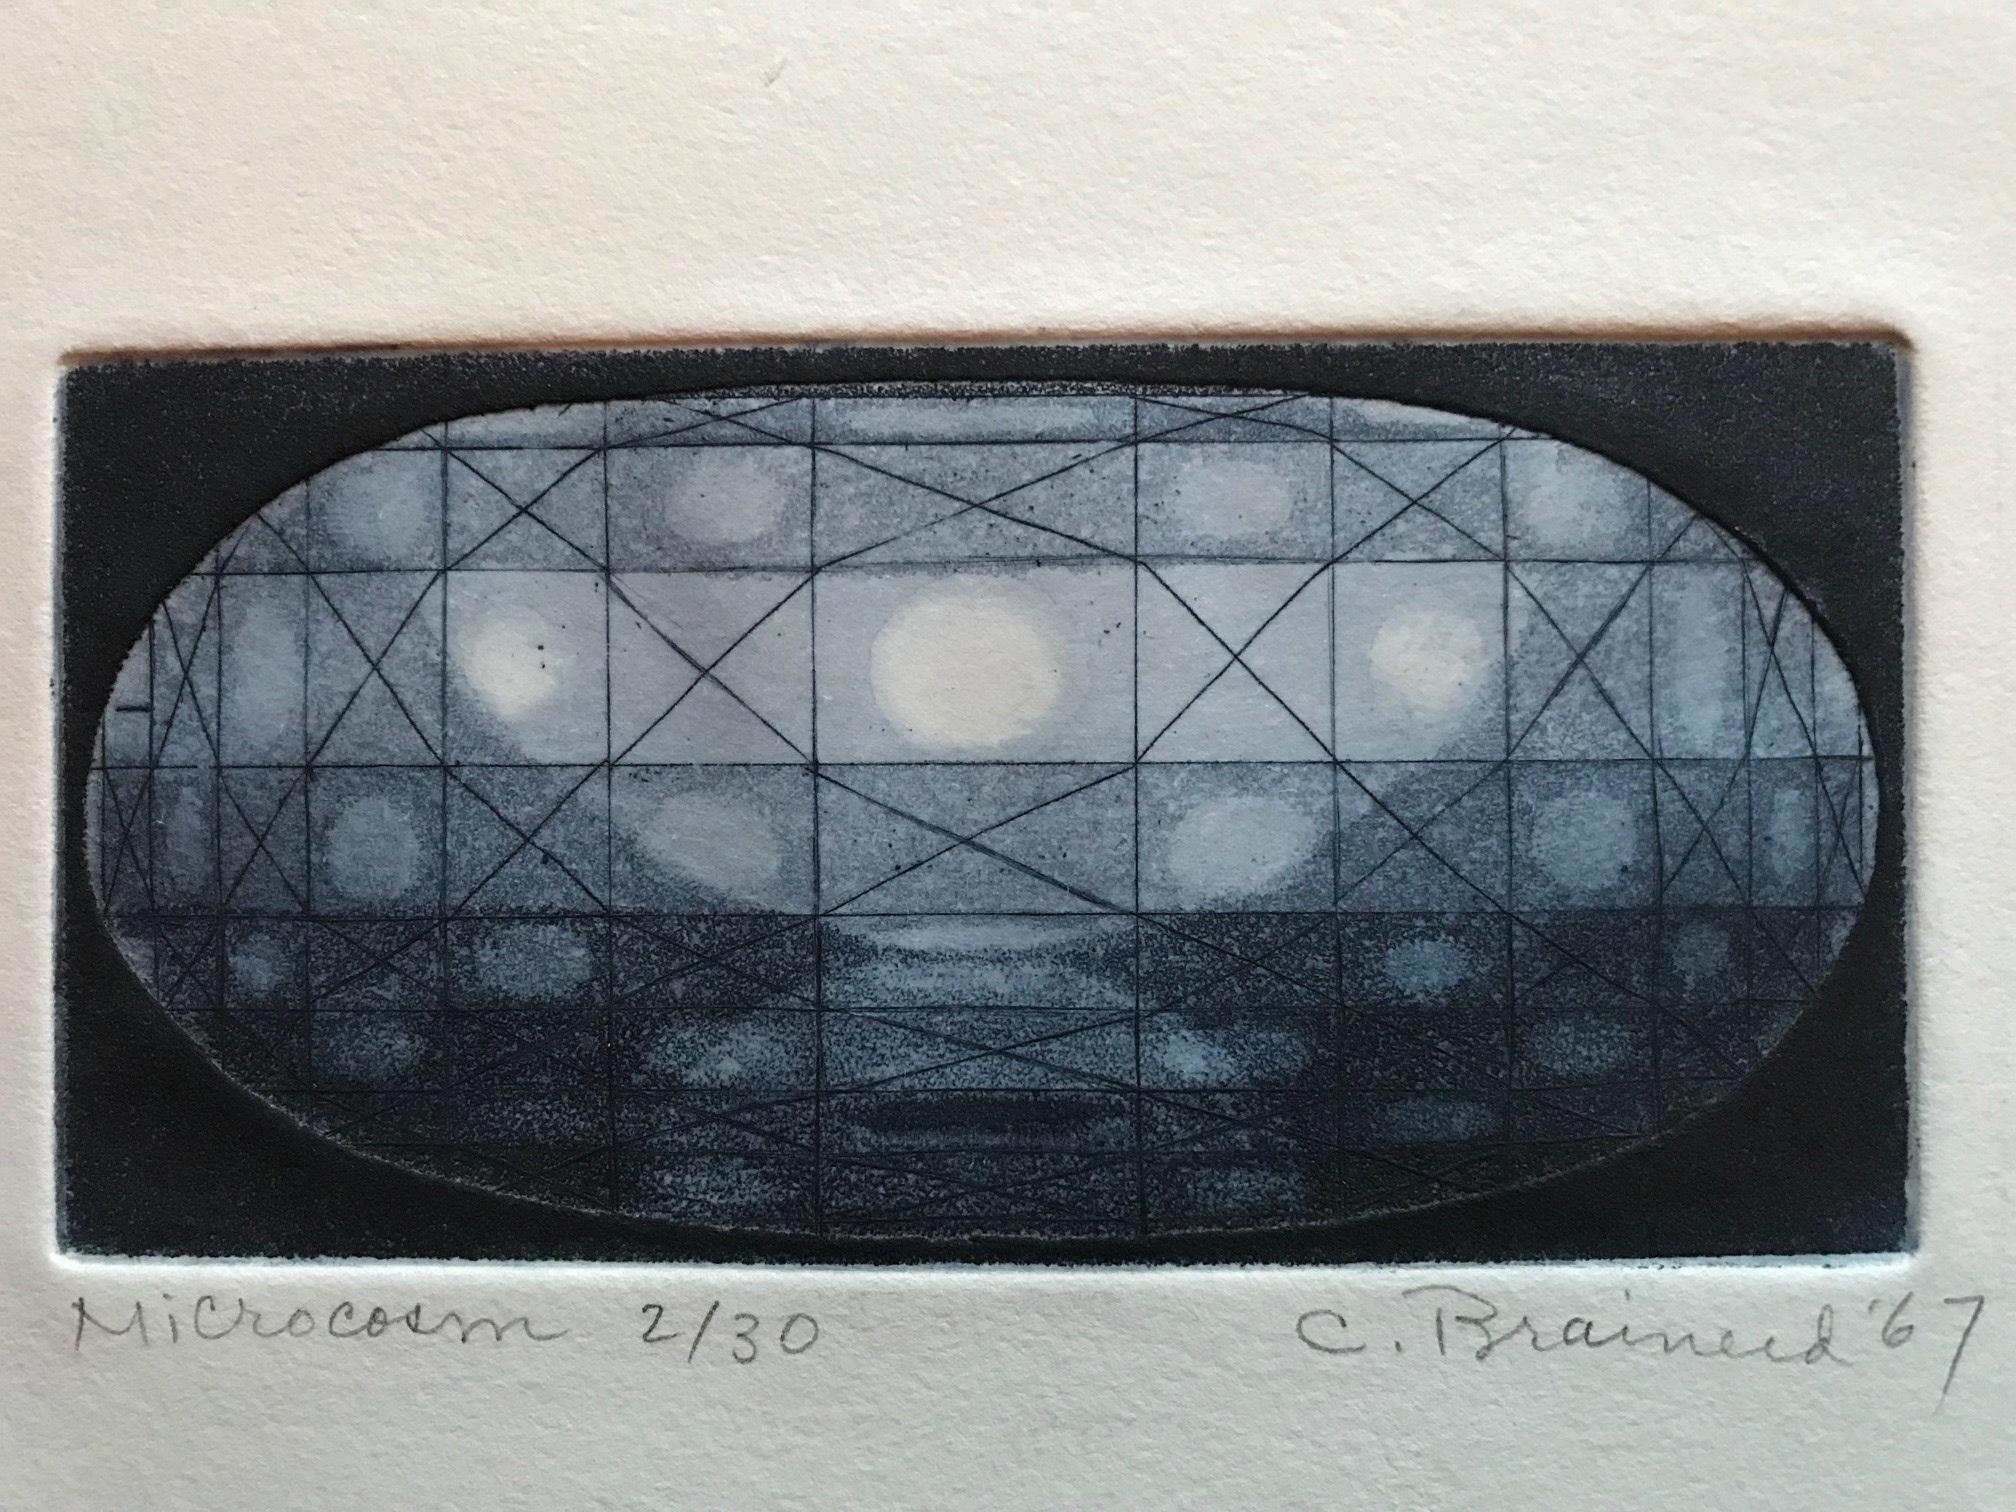 Charlotte Brainerd, Microcosm, 1967